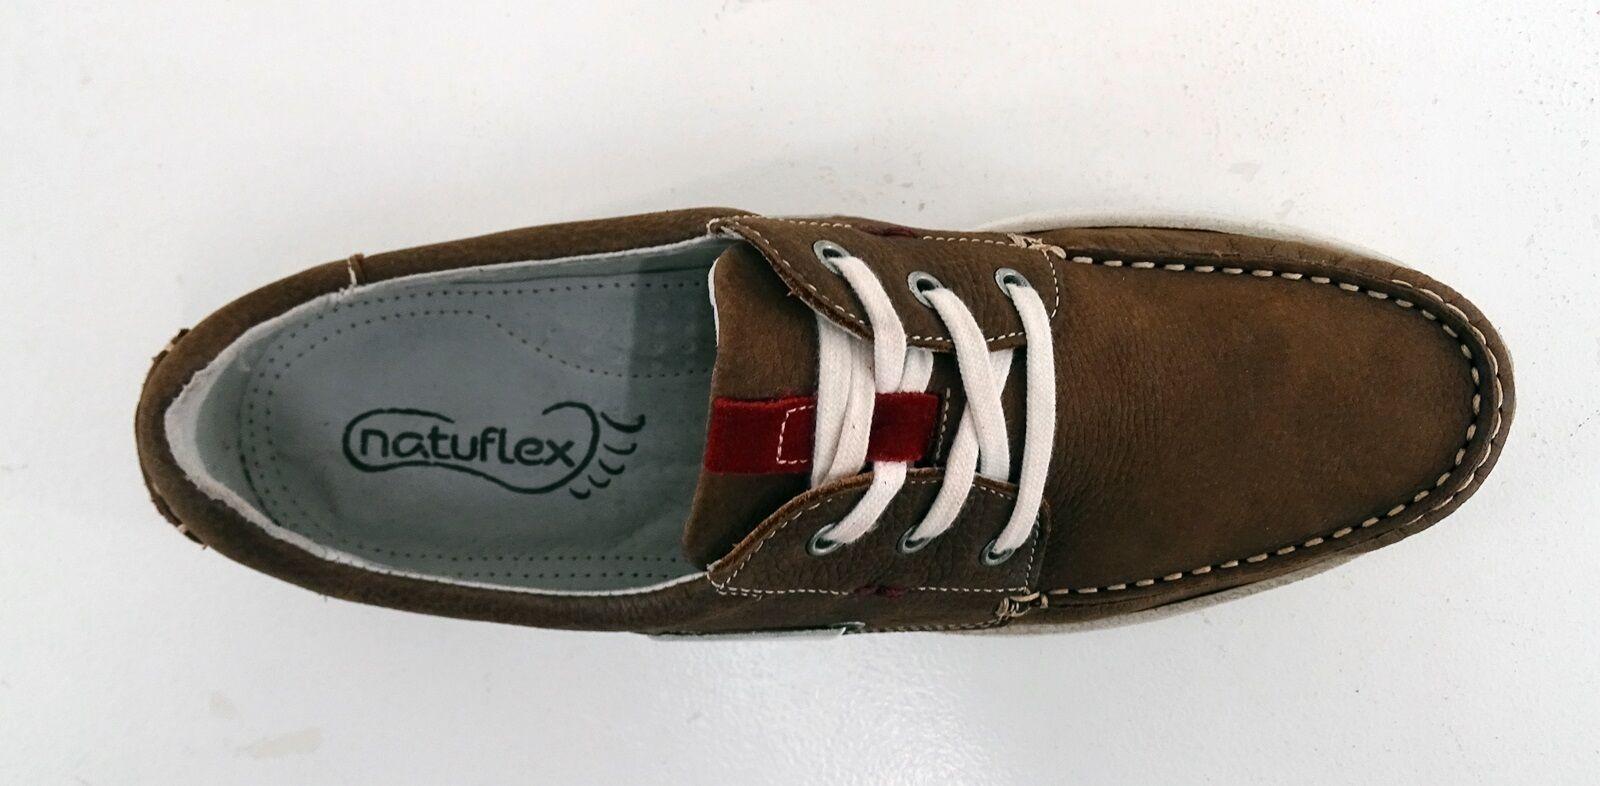 Halbschuhe Natuflex Schnürer 43 Sneaker Kunstleder braun  Gr. 43 Schnürer f21407